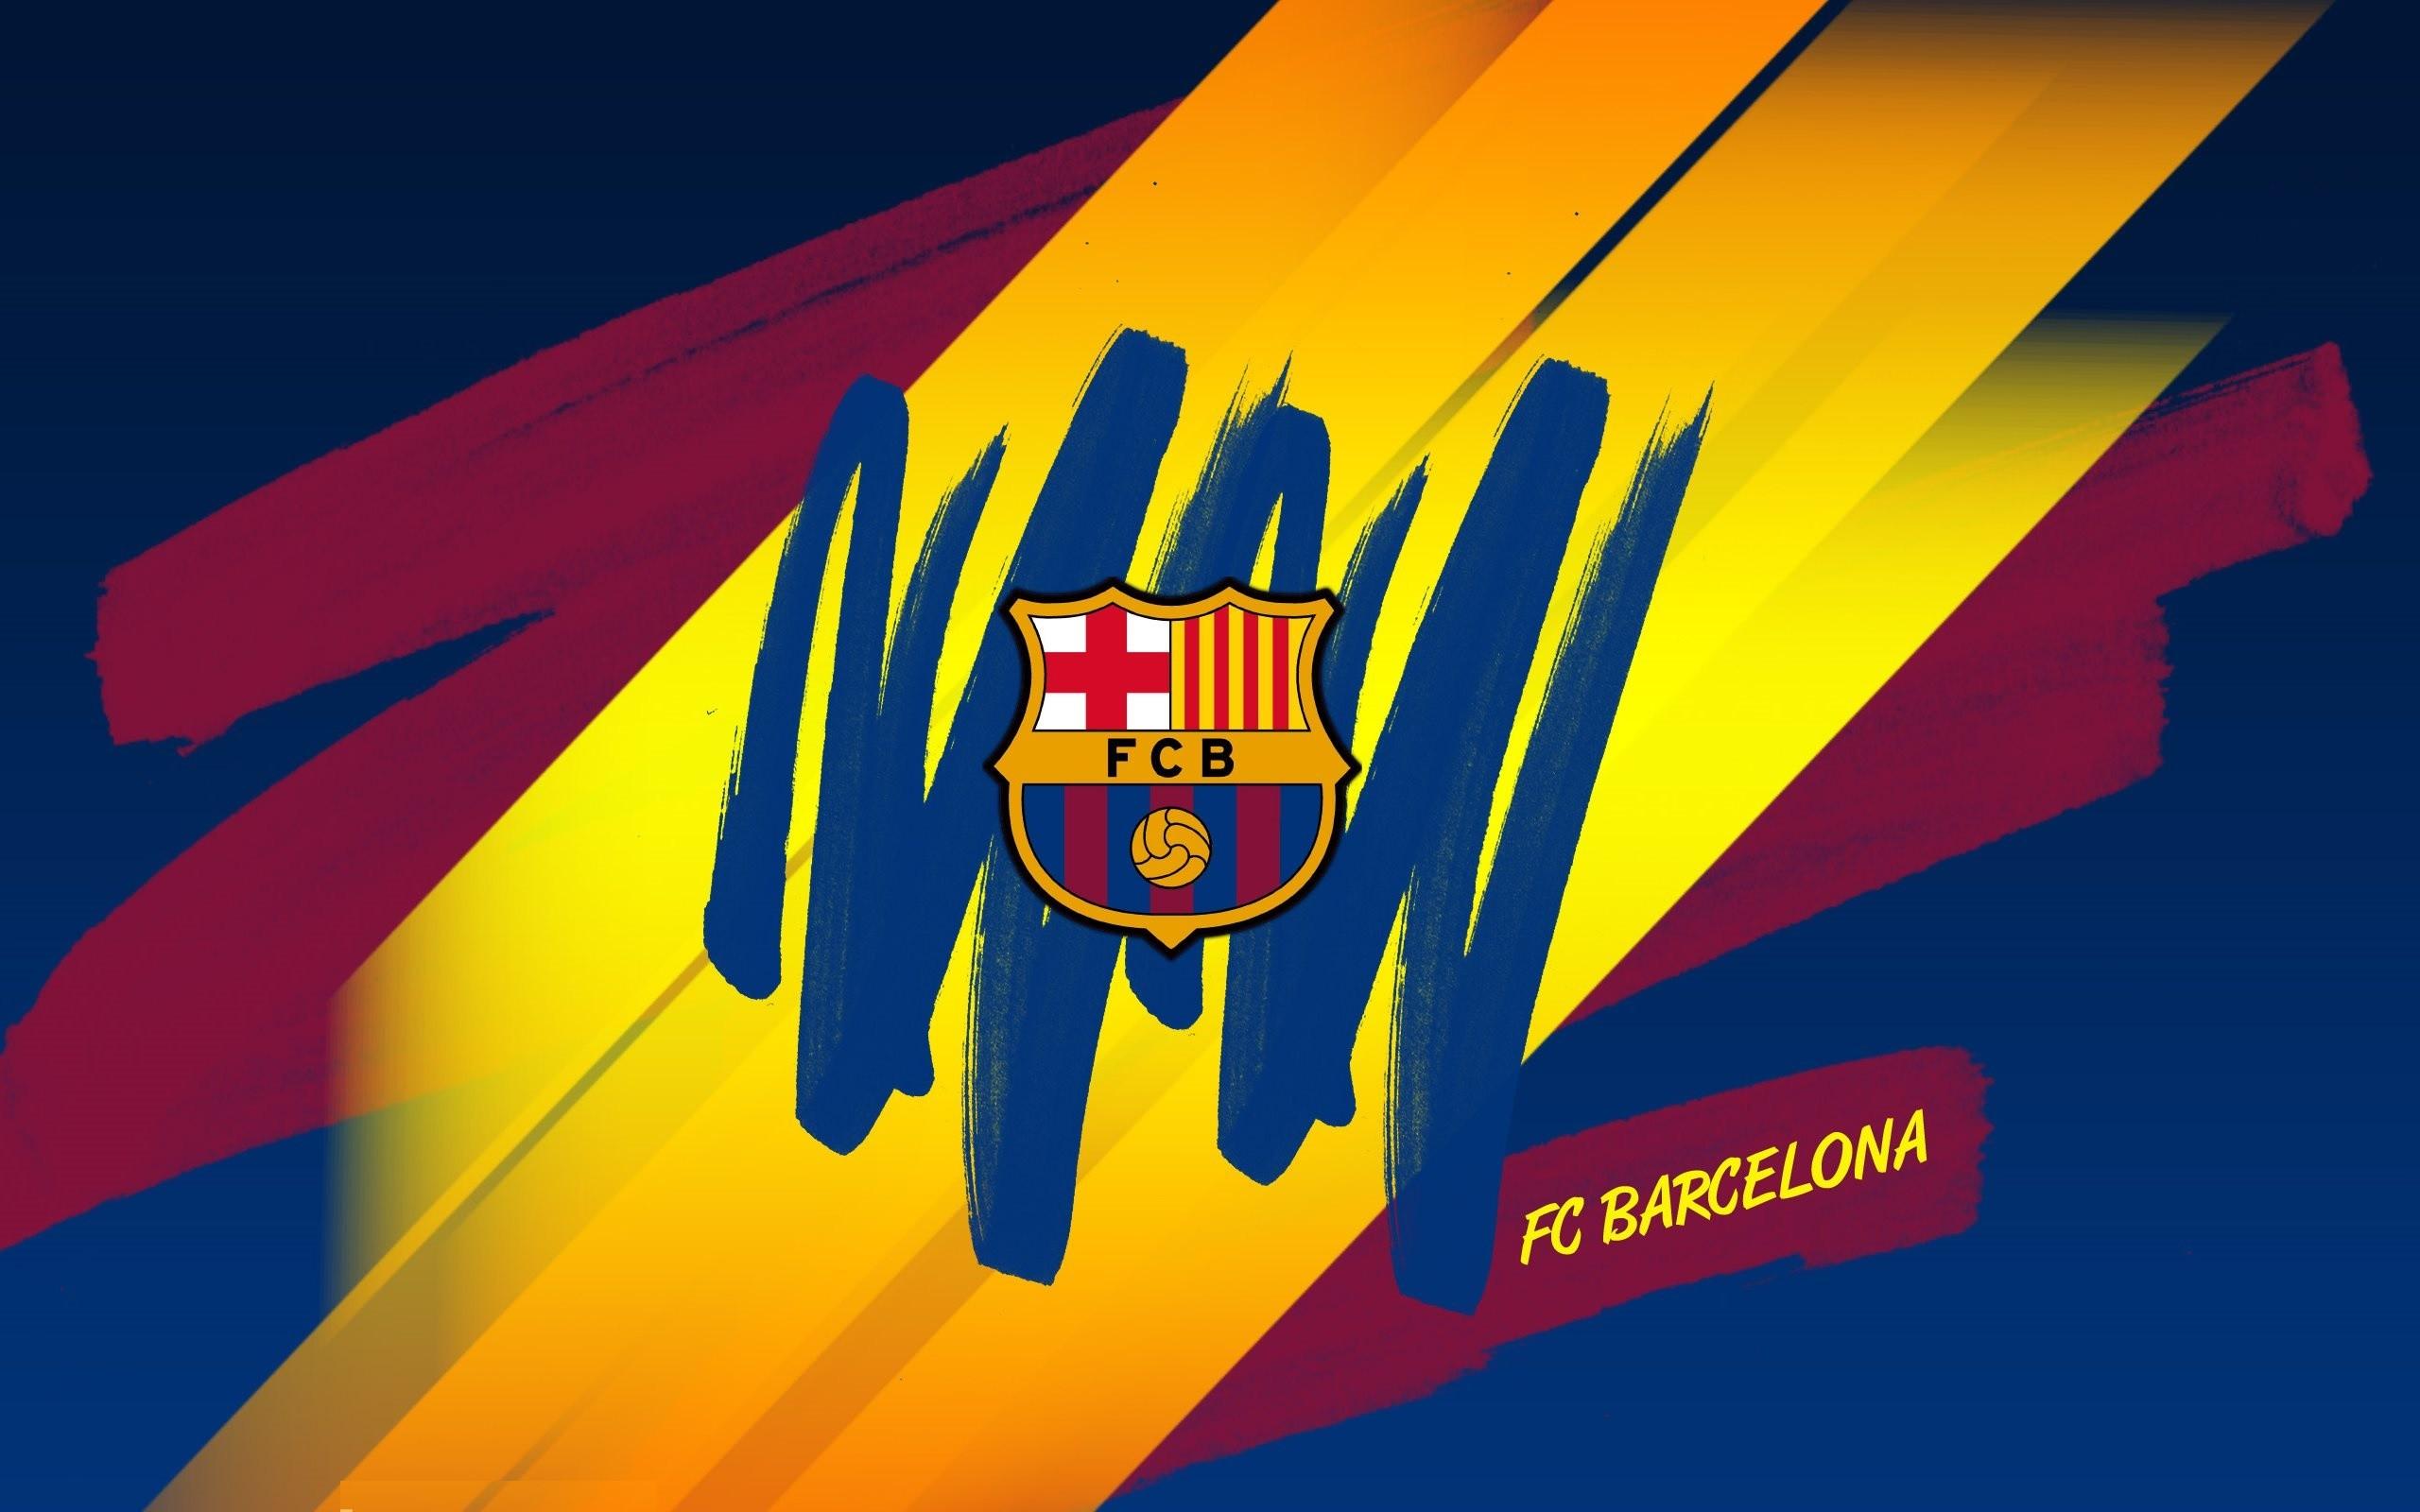 FC Barcelona Logo Wallpaper For Windows.